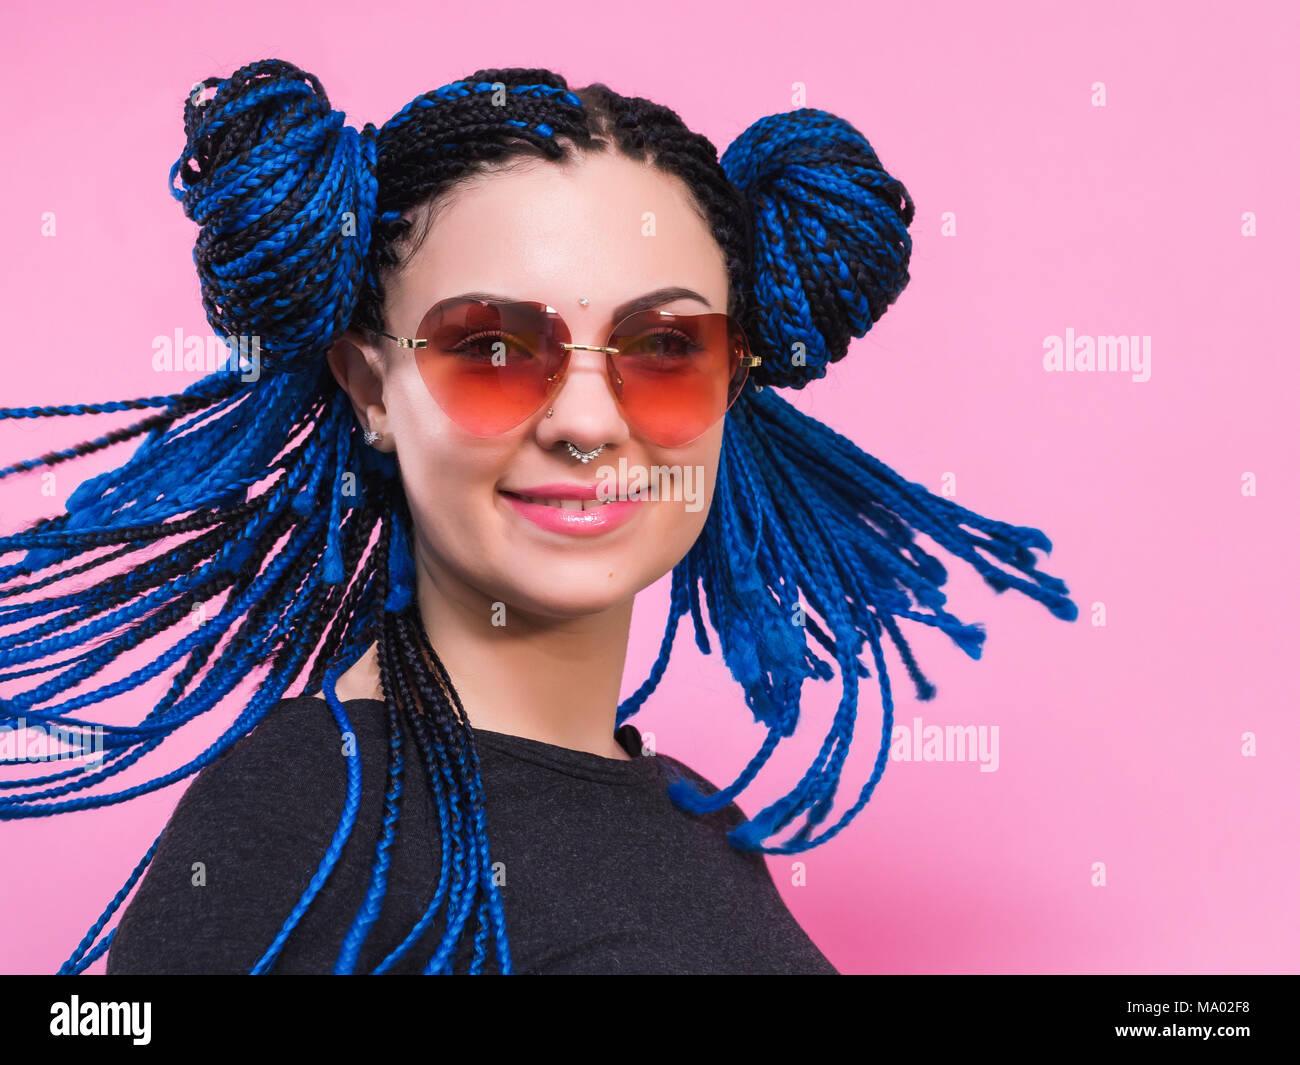 Close,up di donna con blue pig,tail testa intrecciato ragazza africana con  trecce blu acconciatura. Hipster ritratto ragazza con occhiali da sole su  sfondo